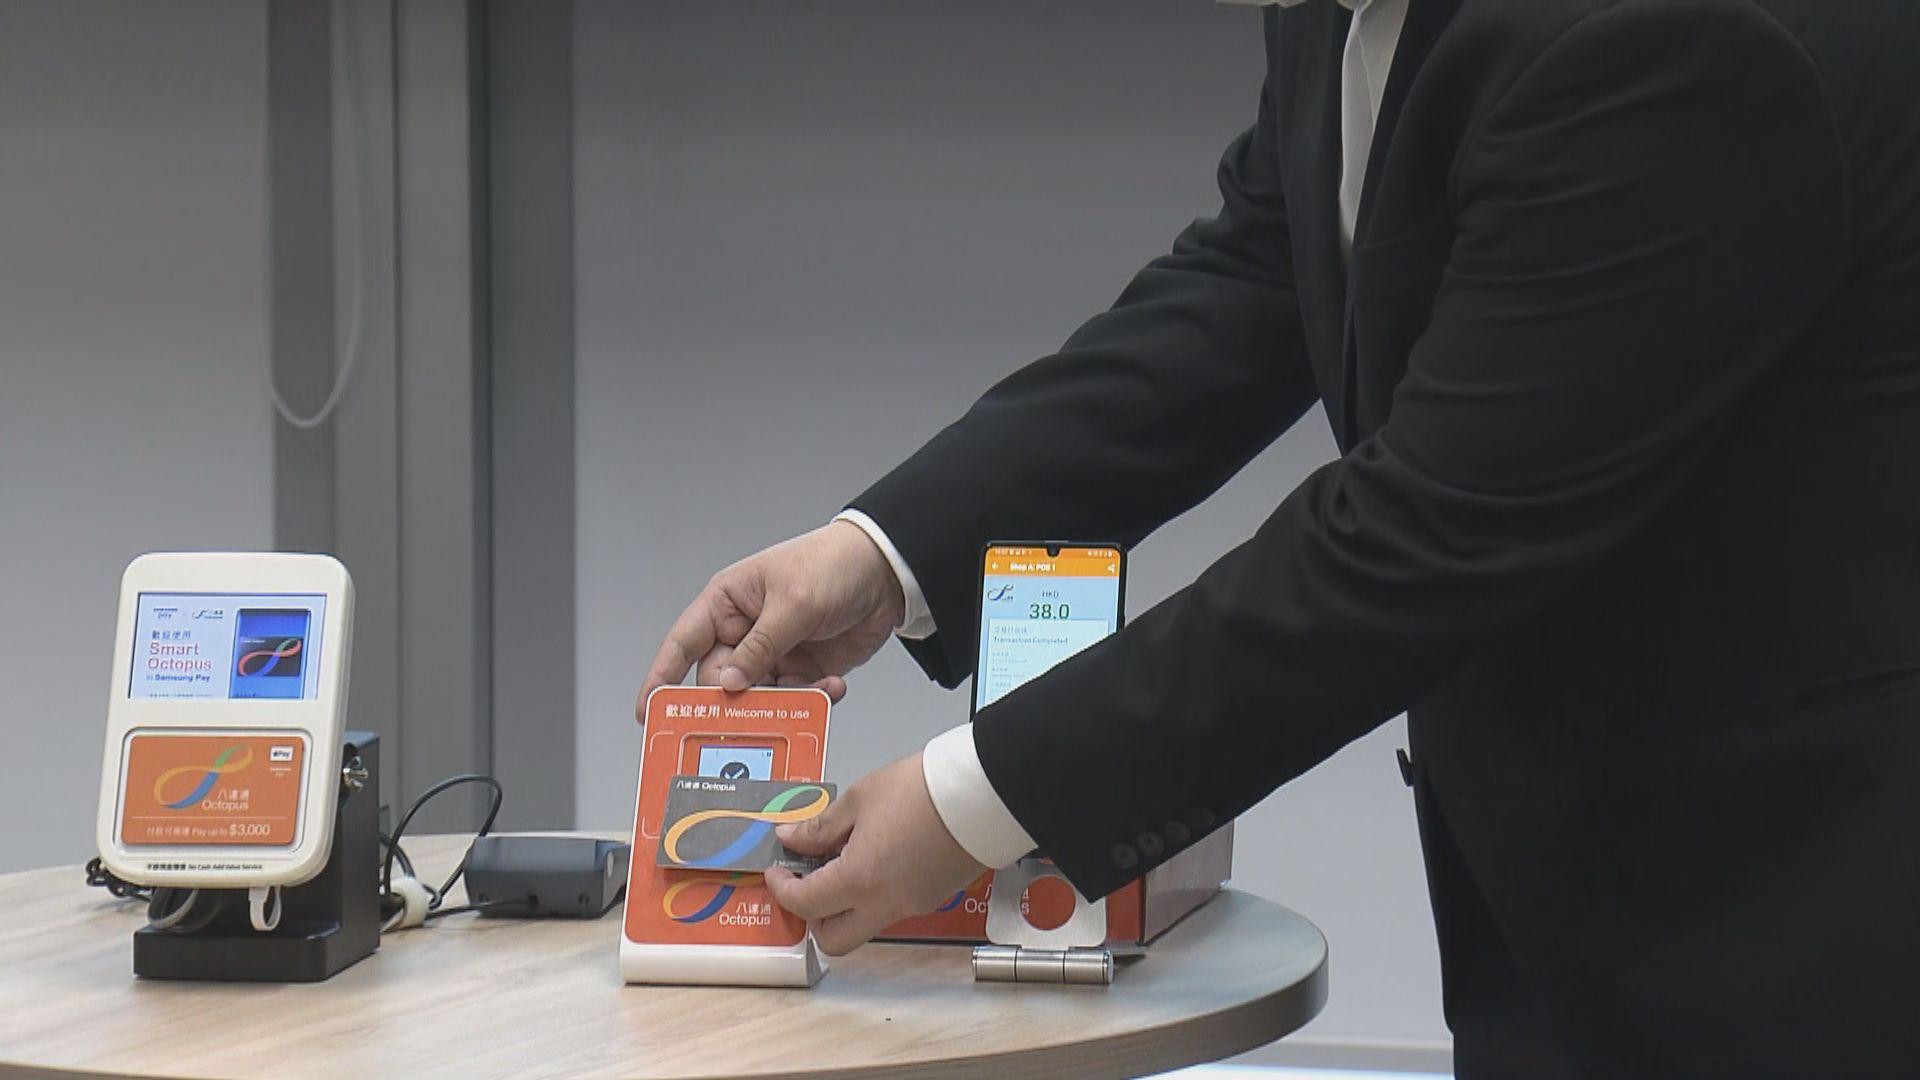 八達通:市民可以現有實體或電子八達通領取消費券